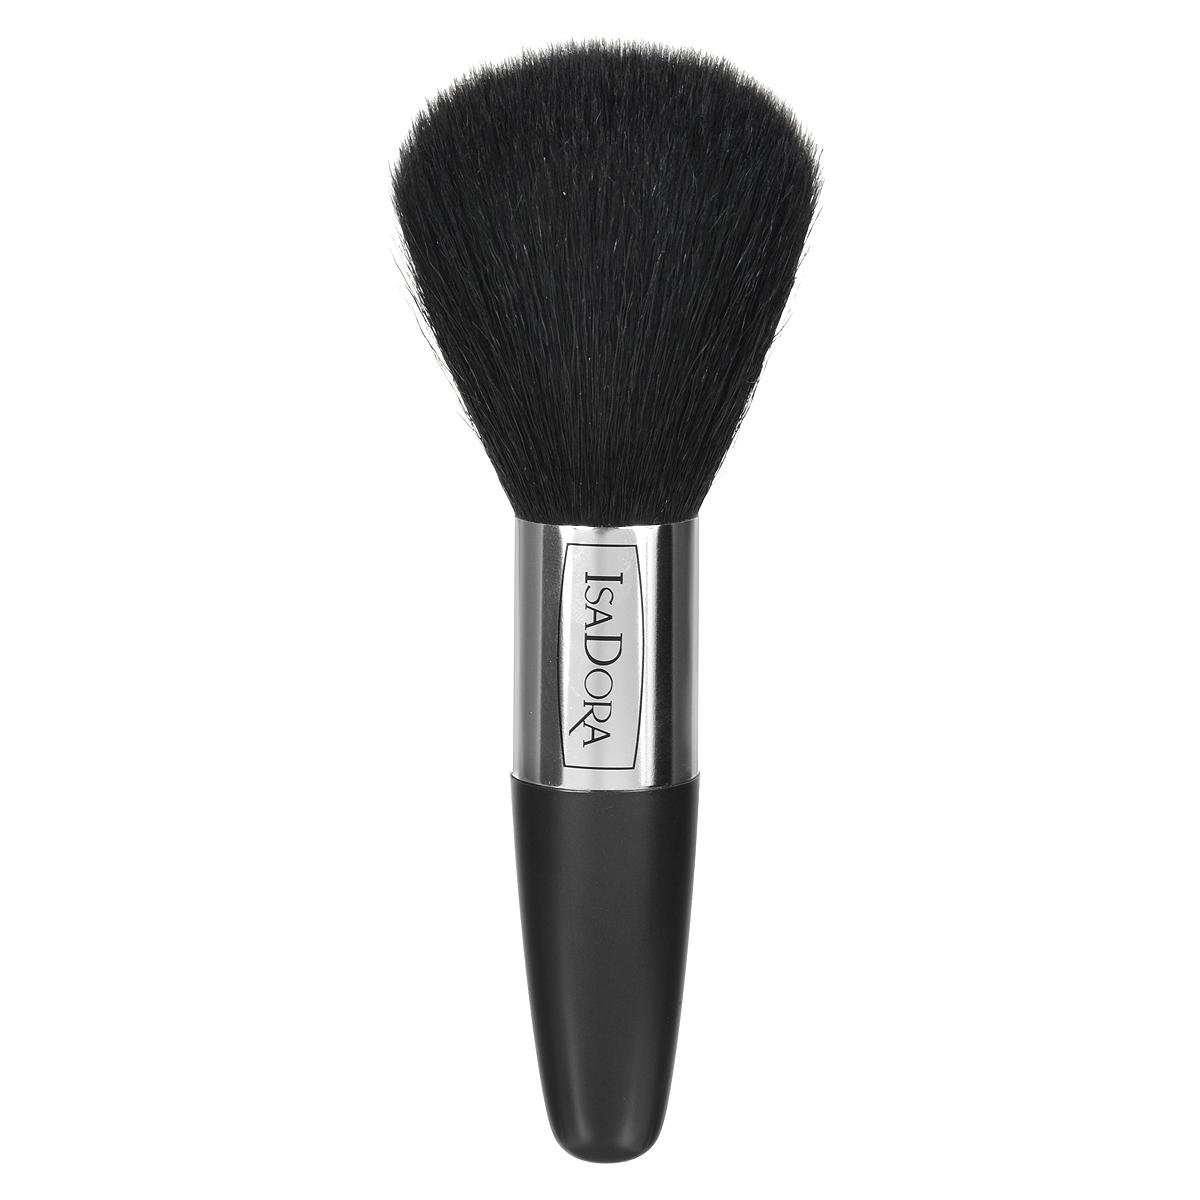 Isa Dora Кисть для бронзирующей пудры Bronzing Powder Brush119246Кисть Isa Dora Bronzing Powder Brush - большая, округлой формы с удобной толстой ручкой, подходит для нанесения компактной и рассыпчатой пудры. Кисть позволяет корректировать макияж в течение дня, обеспечивает безупречное распределение пудры на коже, комфортное, аккуратное и равномерное нанесение. Кисть изготовлена из 100% натурального ворса, стерилизованного в процессе производства. Основная поверхность кисти имеет округлую форму, каждый волосок скруглен и не повреждает нежную кожу лица. Ручка кисти сделана из высококачественного пластика.Товар сертифицирован.